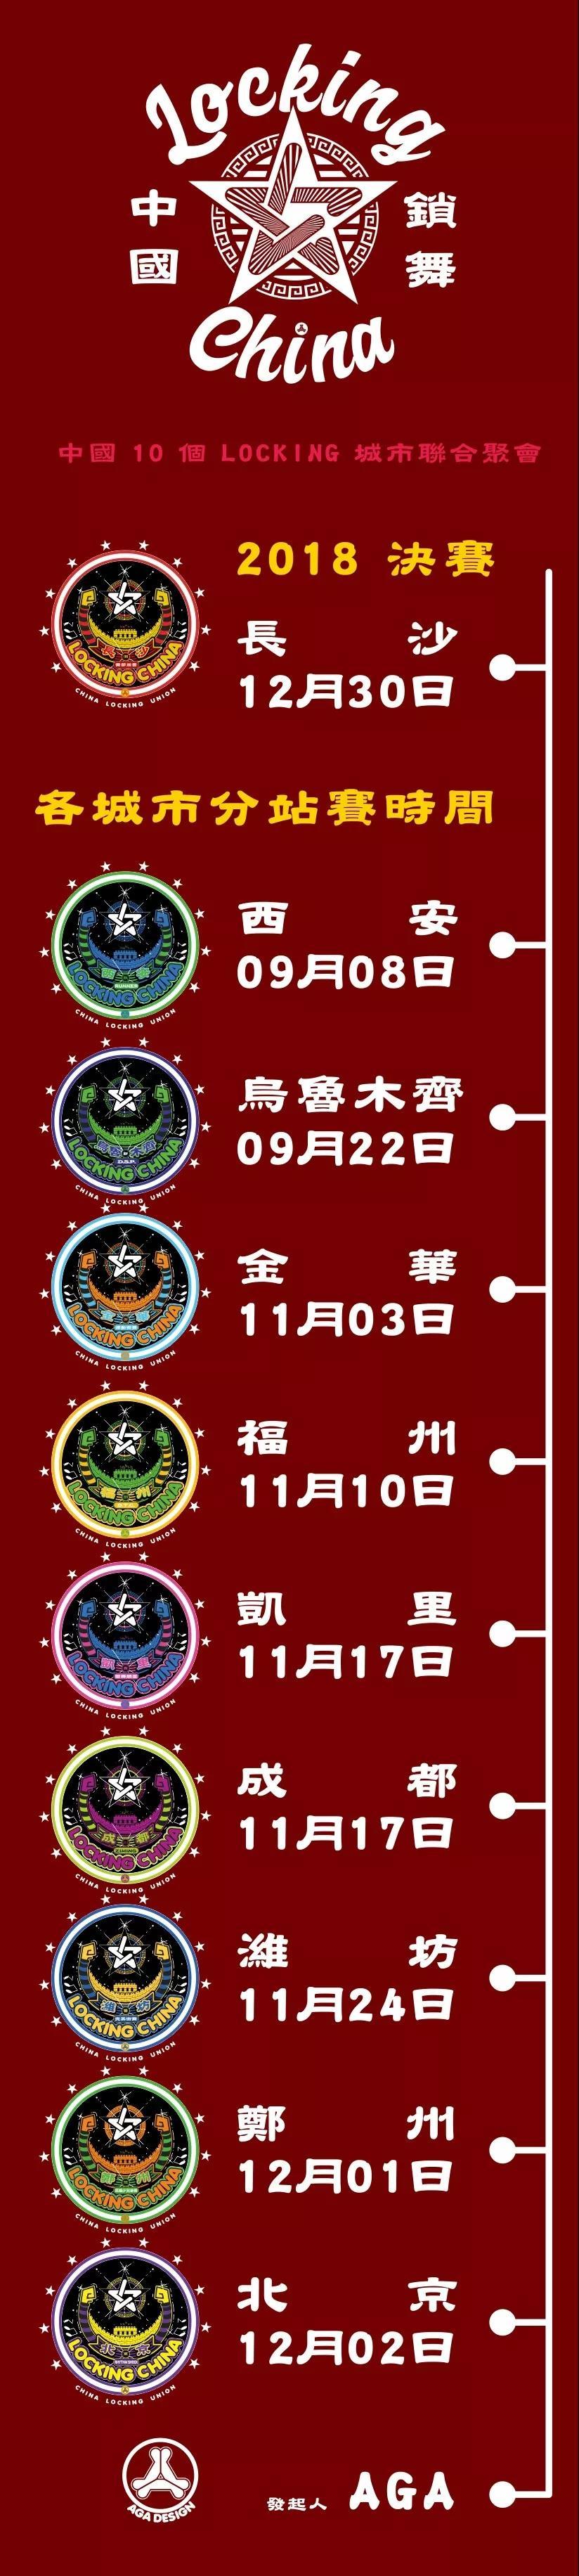 内地首次LOCKING CHINA中国锁舞10城巡回赛将开启